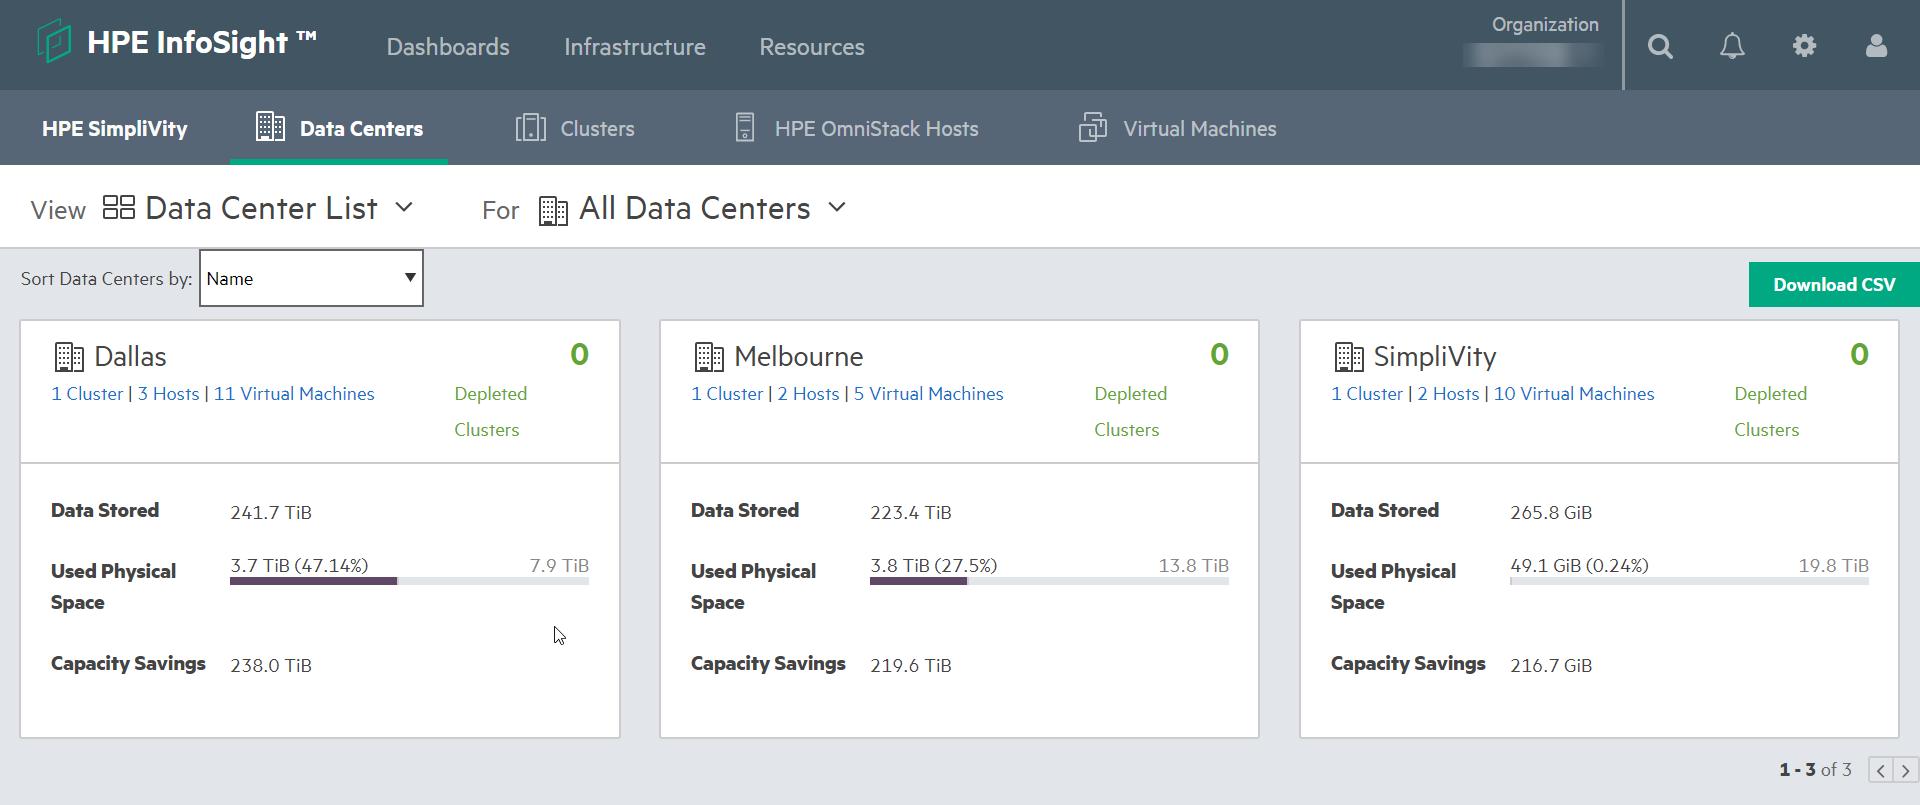 Pogled nadzorne plošče HPE InfoSight za podatkovne centre